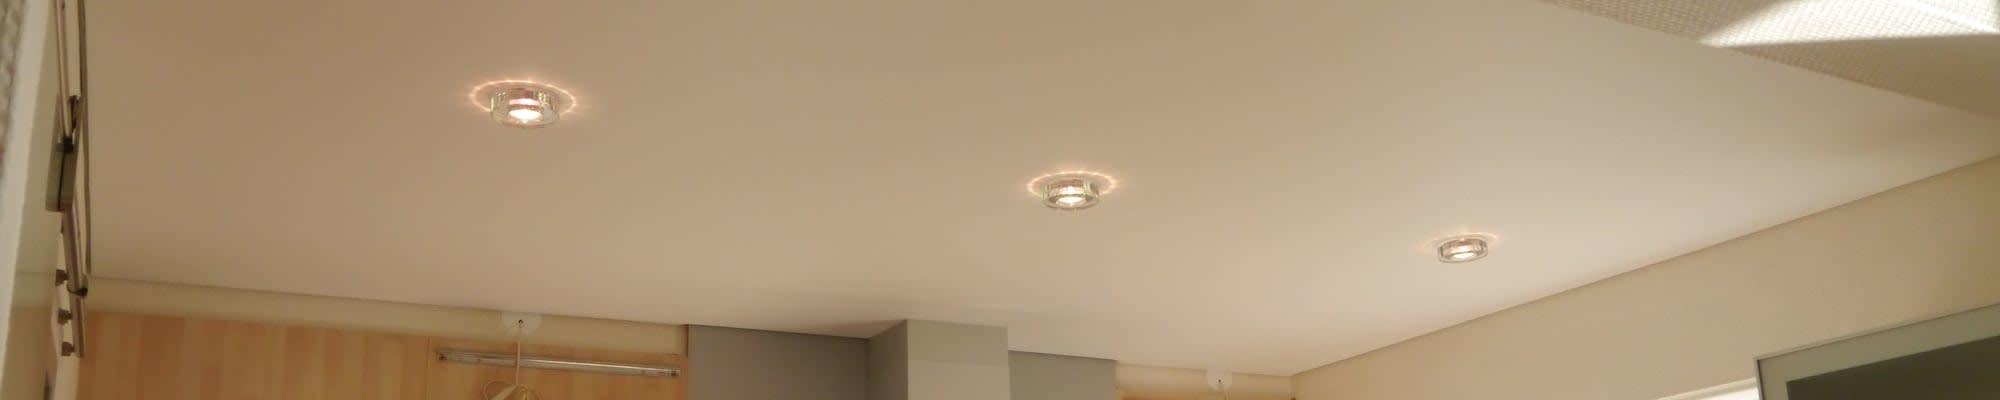 Spanndecken Center Niedersachsen Spanndecke mit drei Lampen